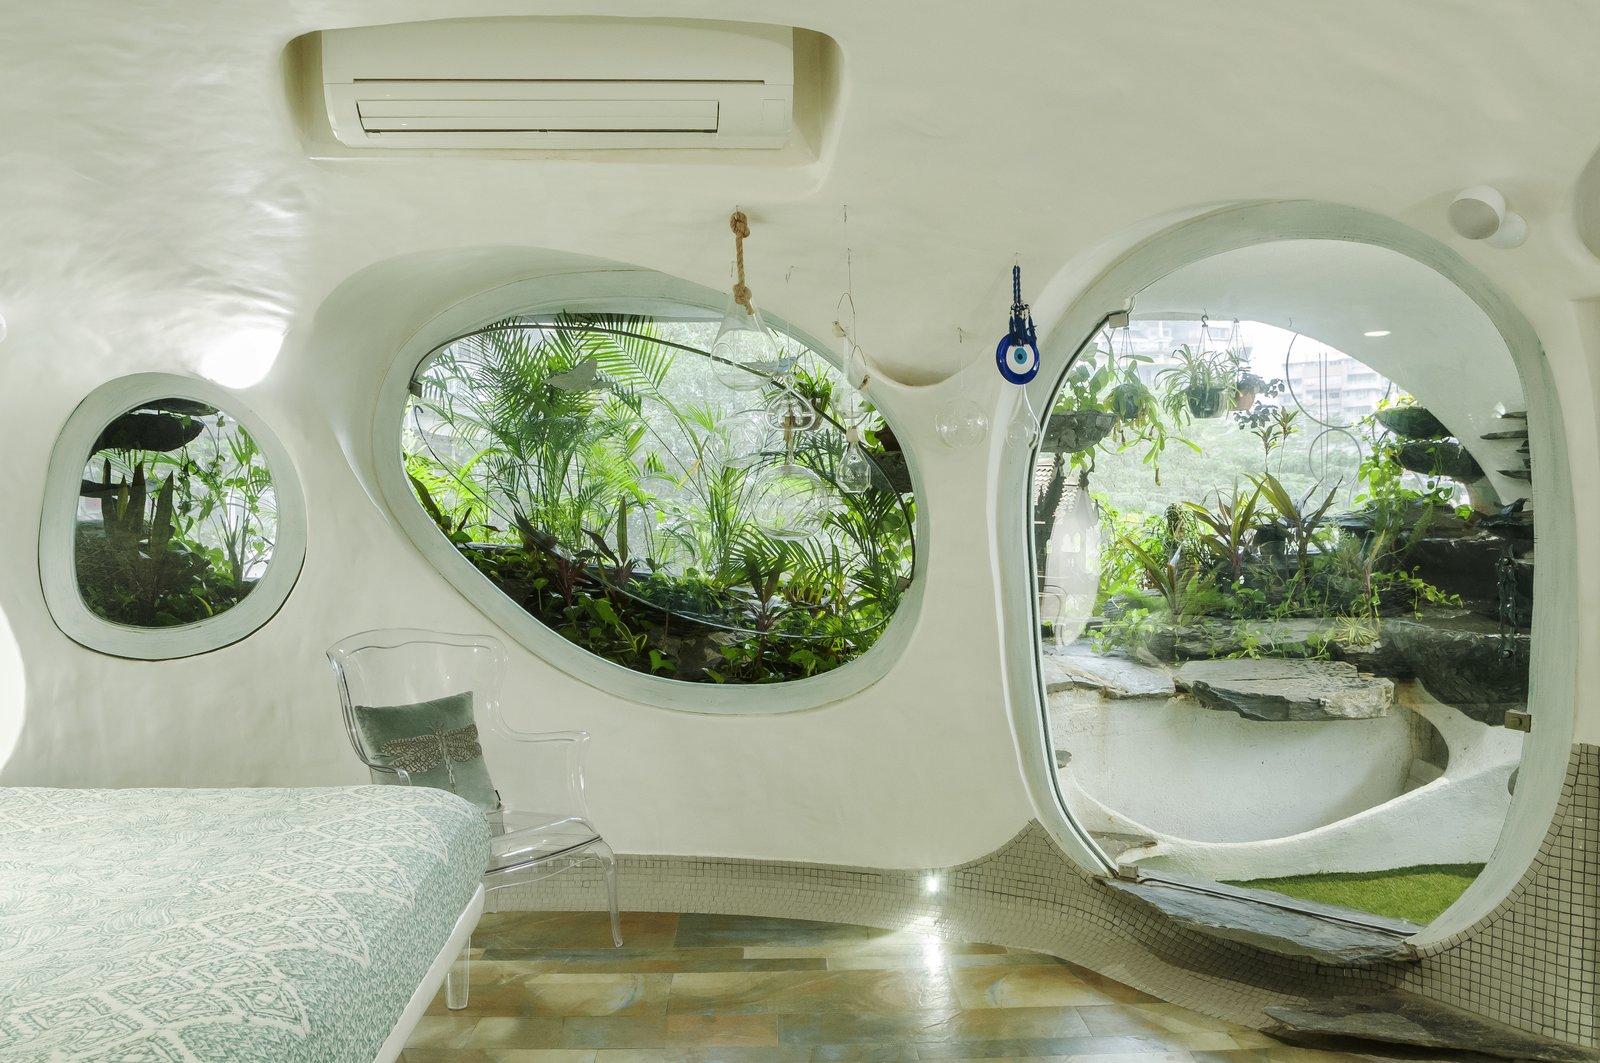 Apartemen ini tampil sebagai ketidakteraturan yang memukau (Sumber: dwell.com)